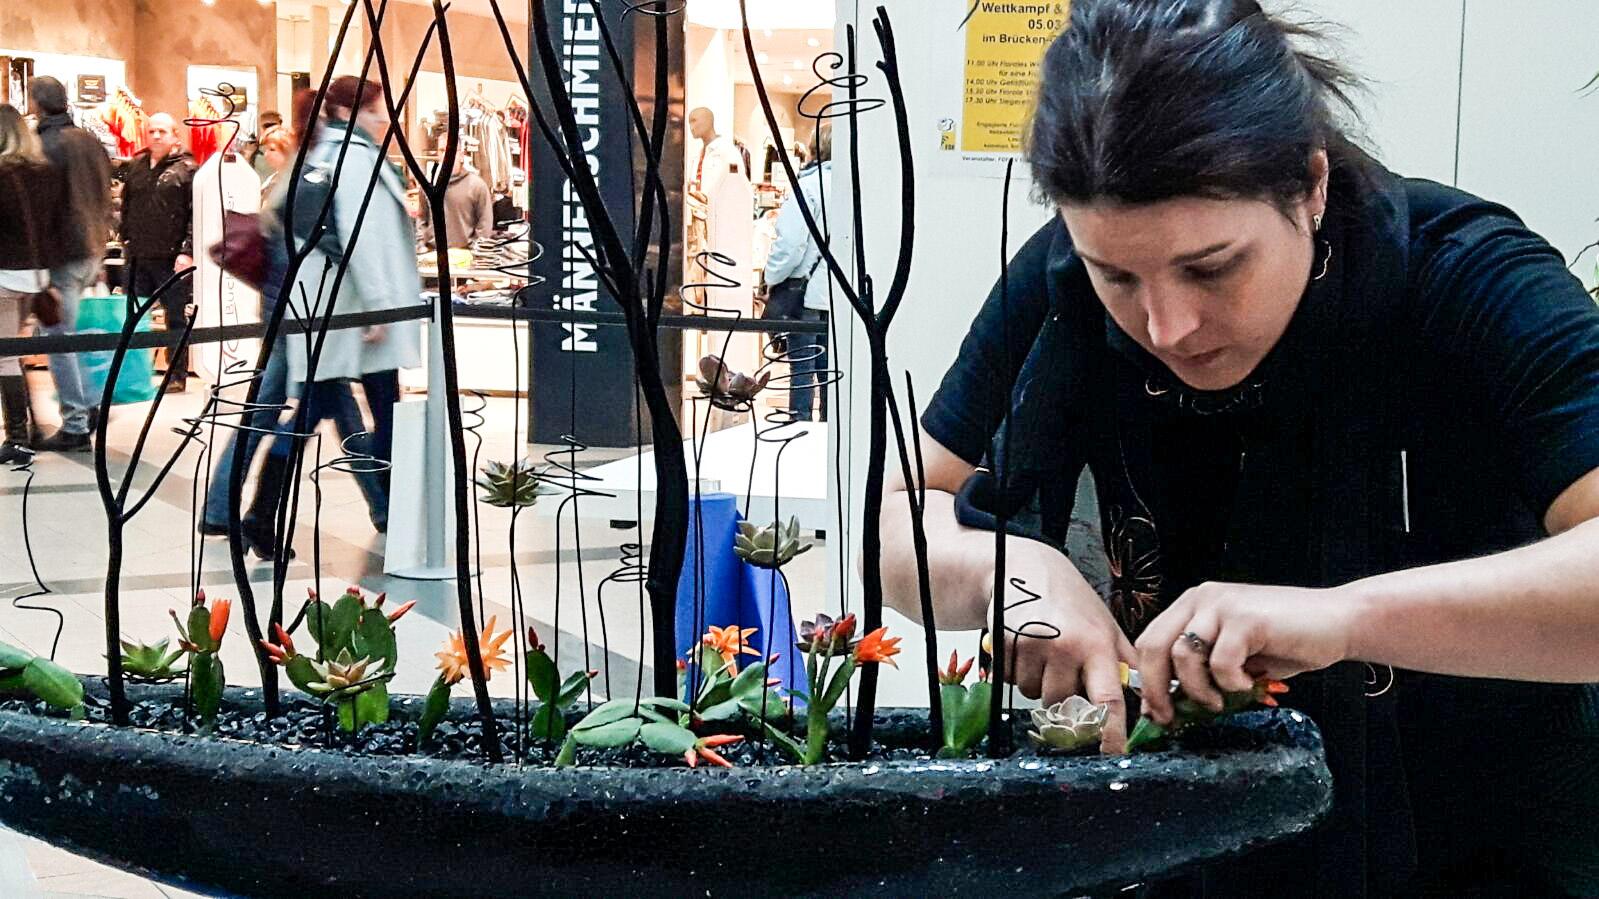 Florist_Geschäft_des_Jahres16-30-2